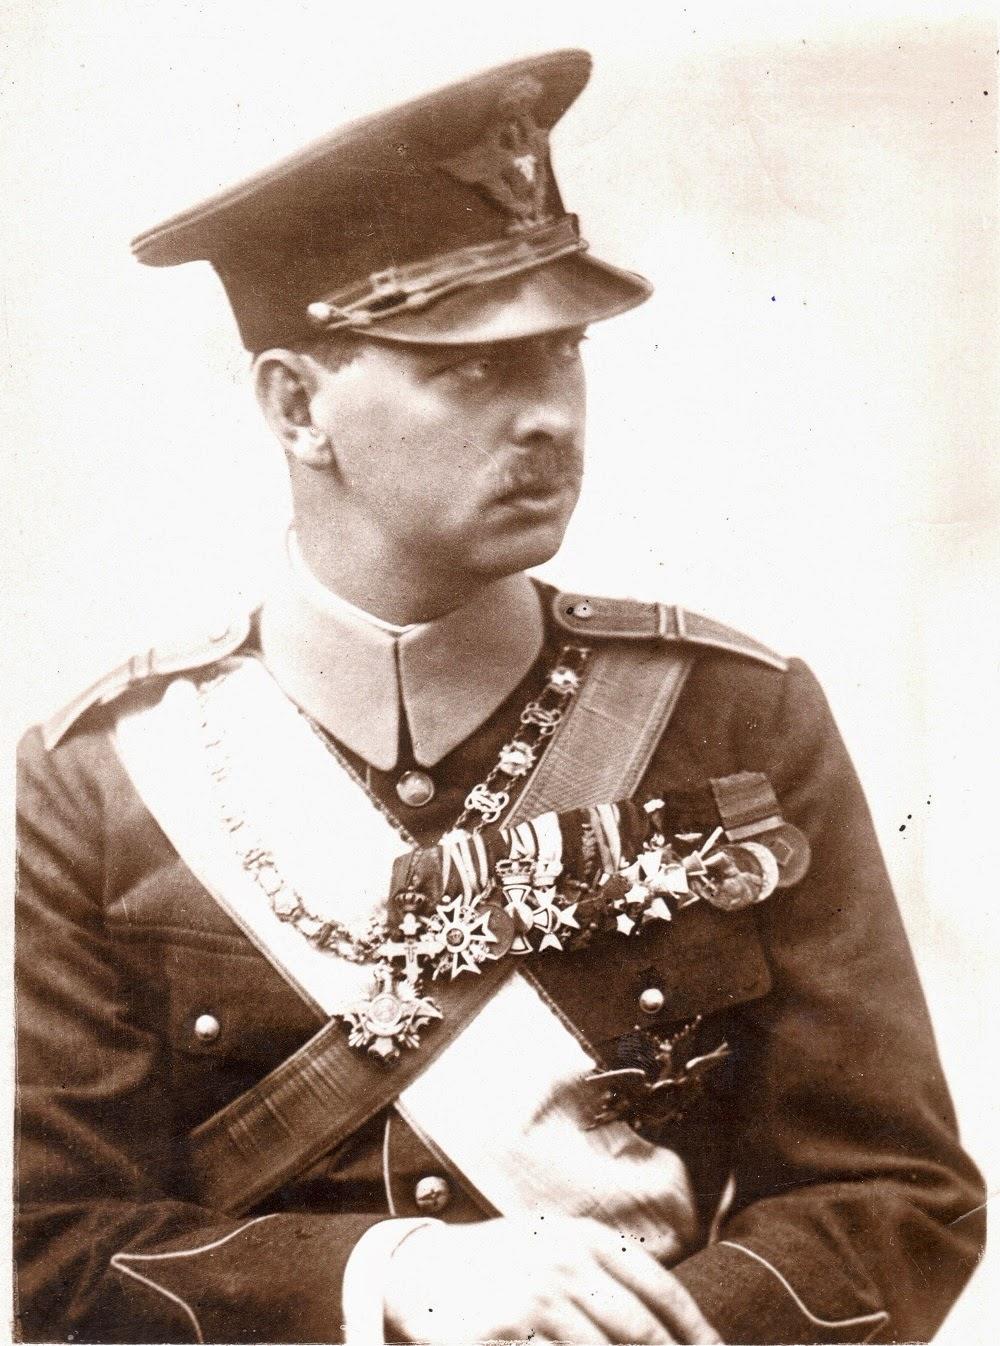 Regele Carol al II-lea al României